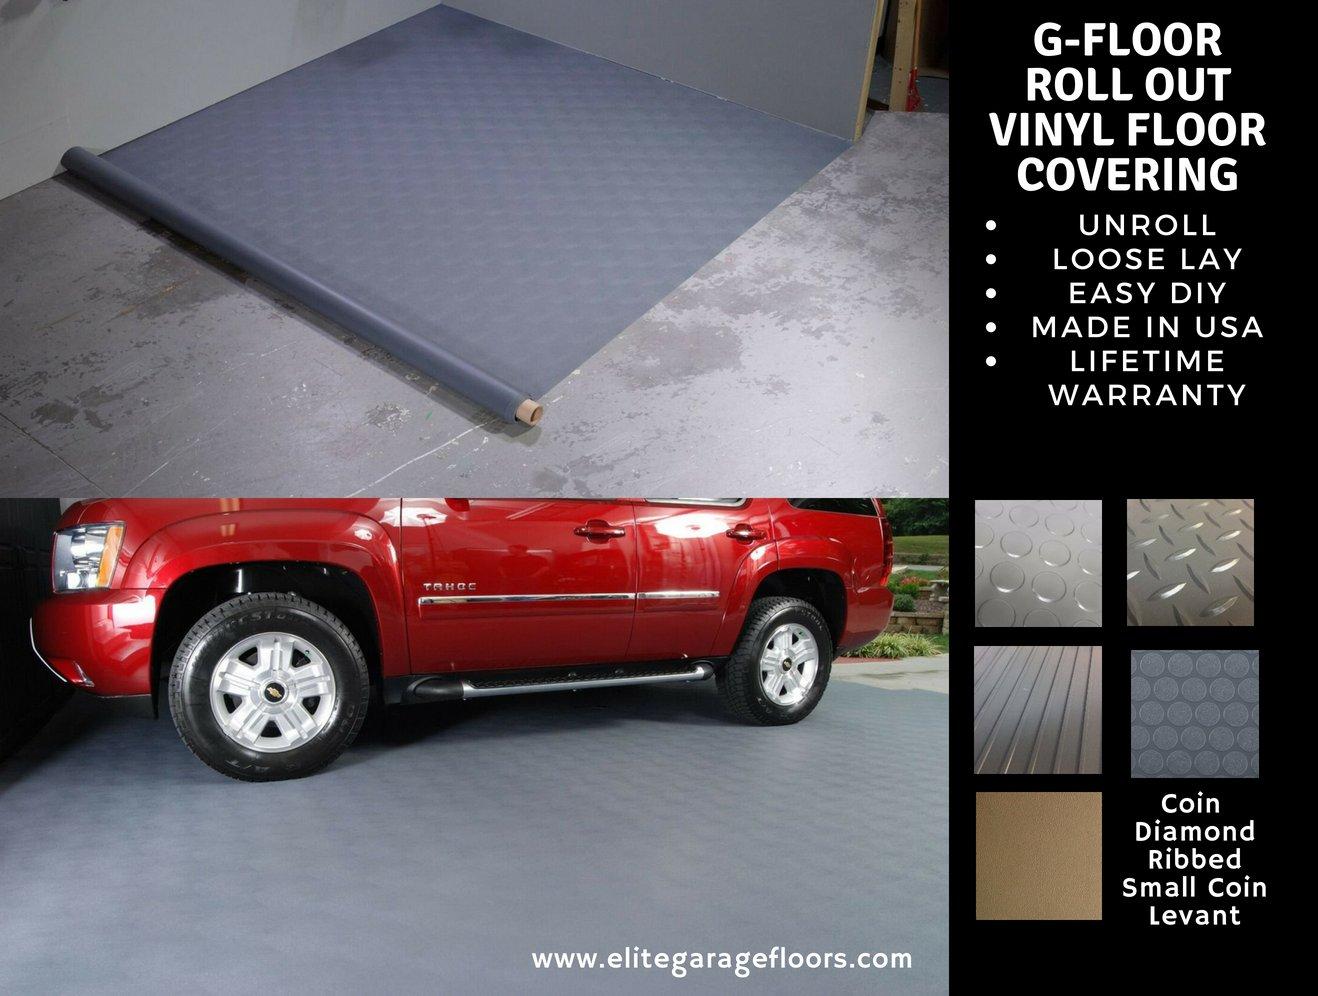 gfloor-vinylrolloutfloorcovering-unroll-ad.jpg